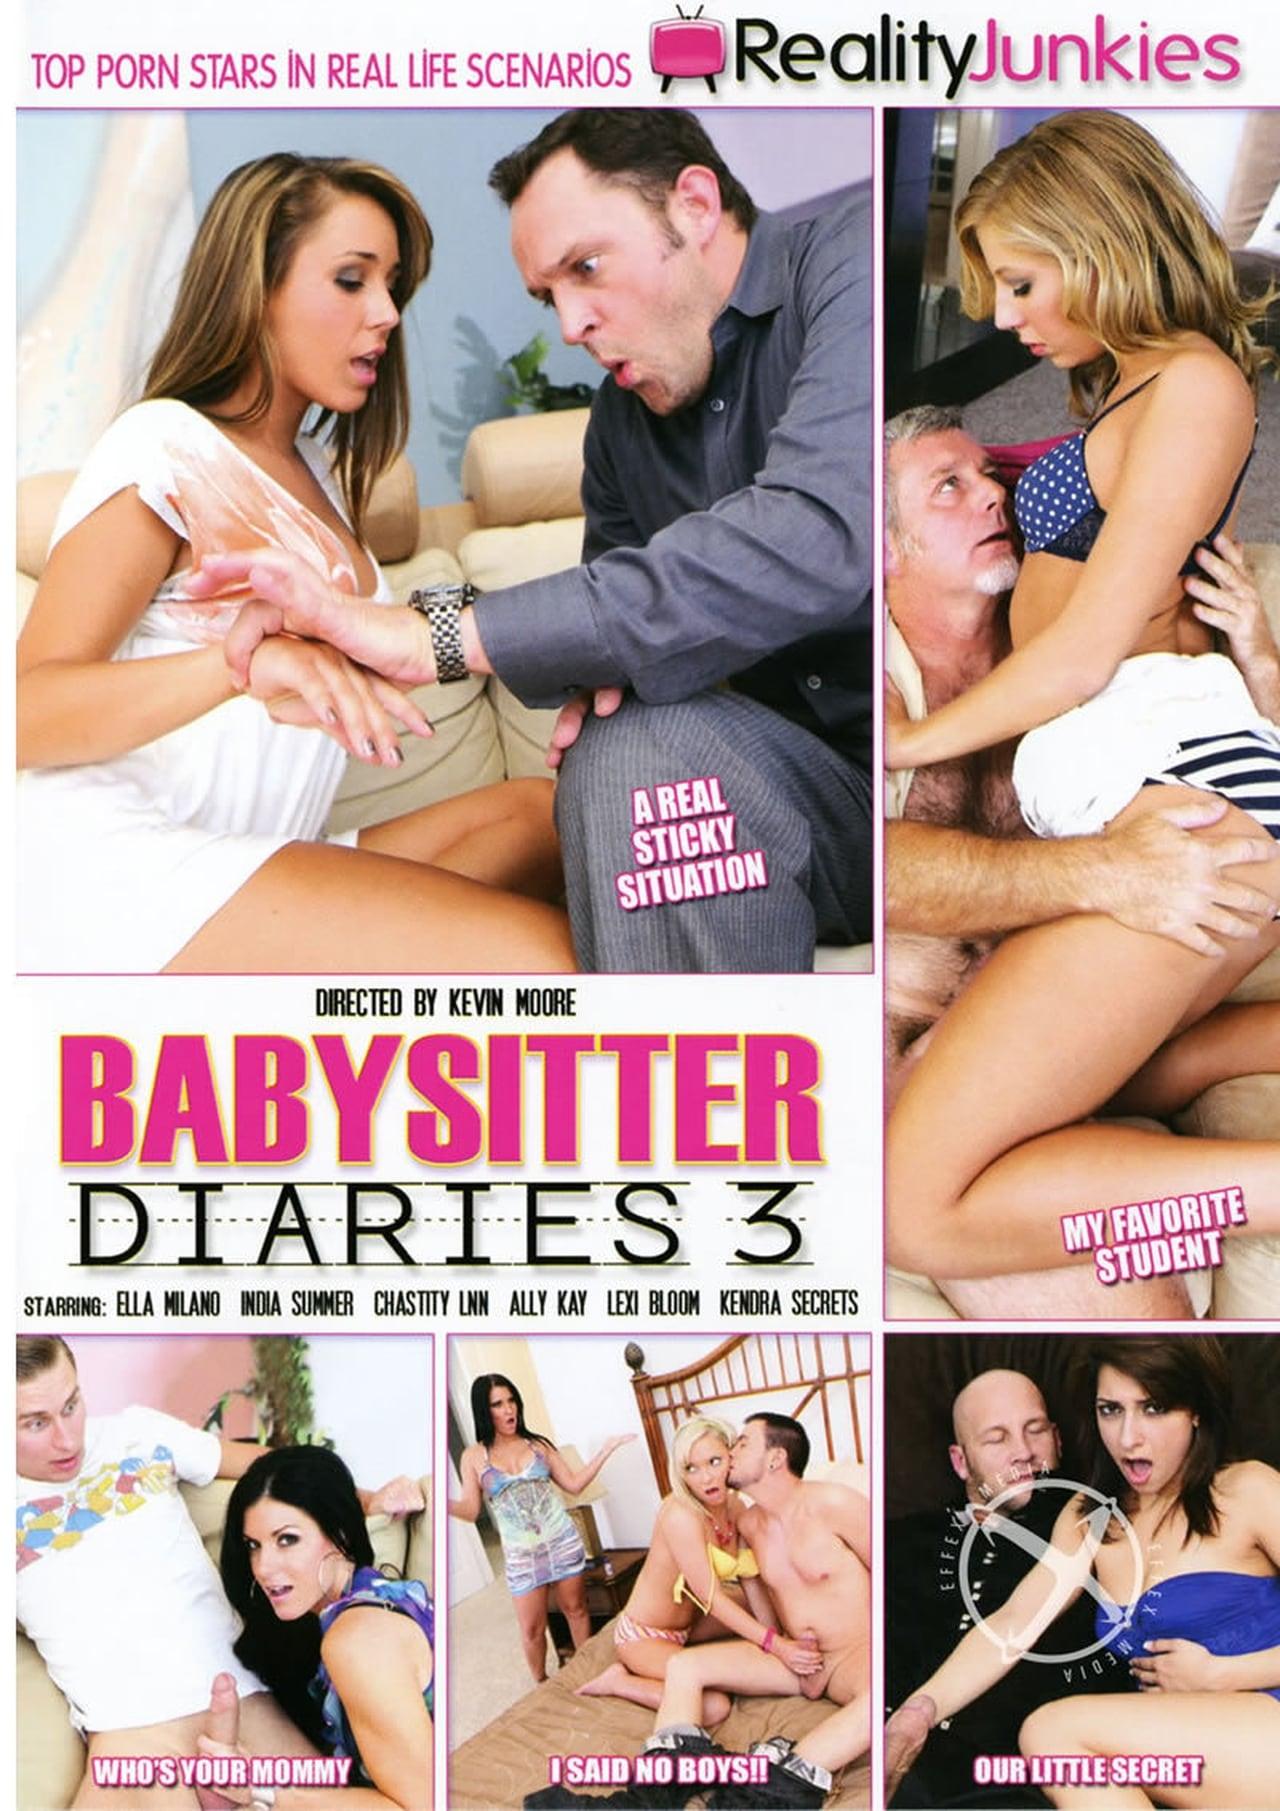 Babysitter Diaries 3